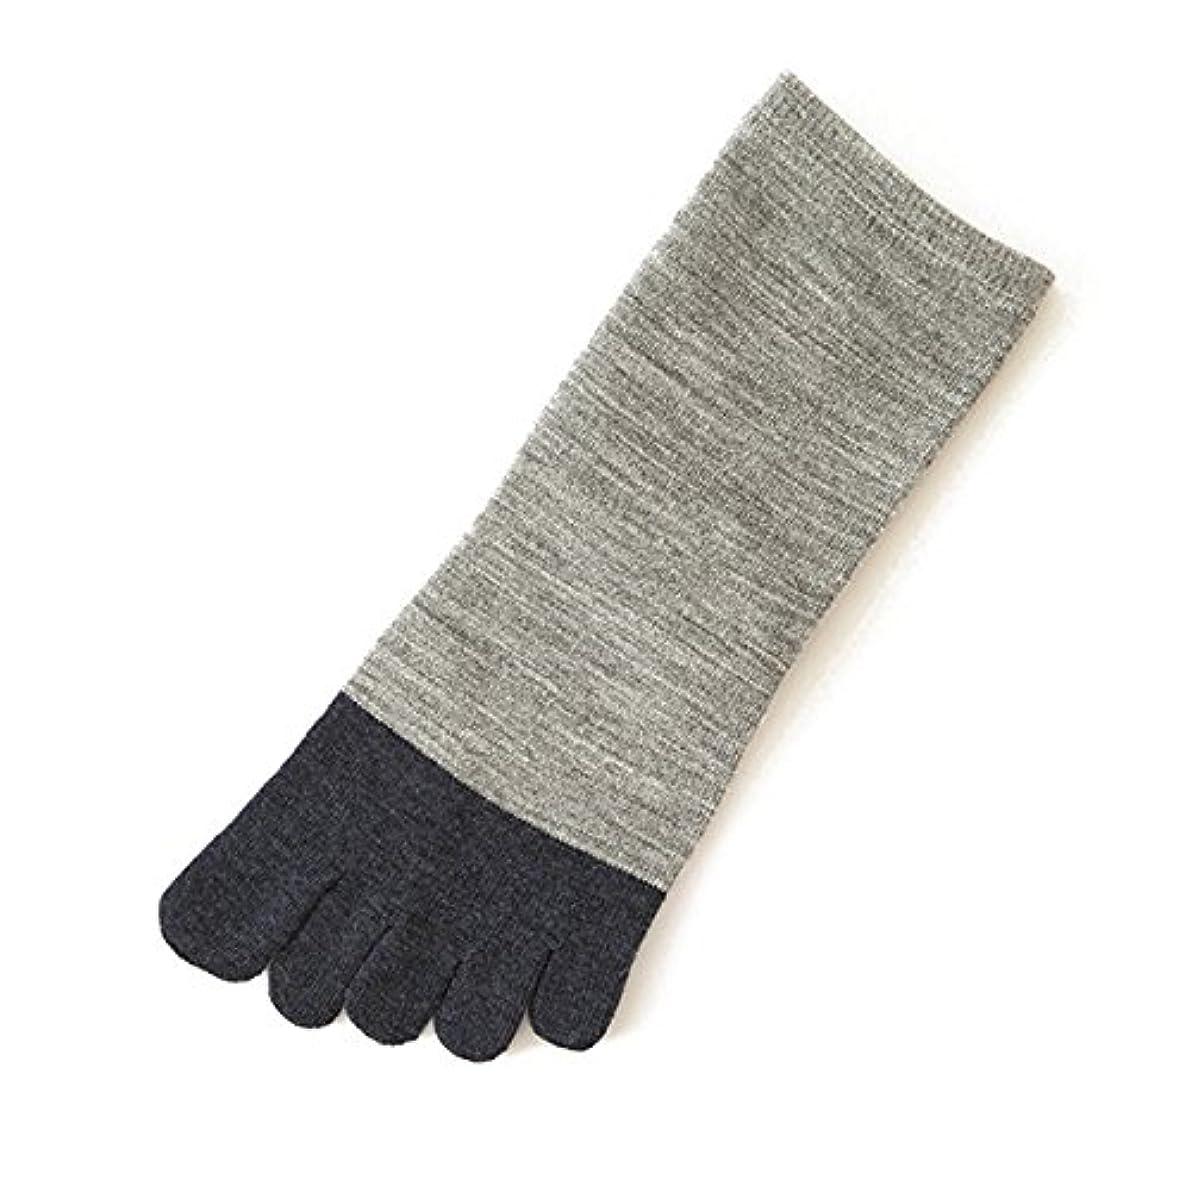 取り壊す粗い本質的に[靴下屋]クツシタヤ 2面切り替え5本指ソックス 22.0~24.0cm 日本製 五本指靴下